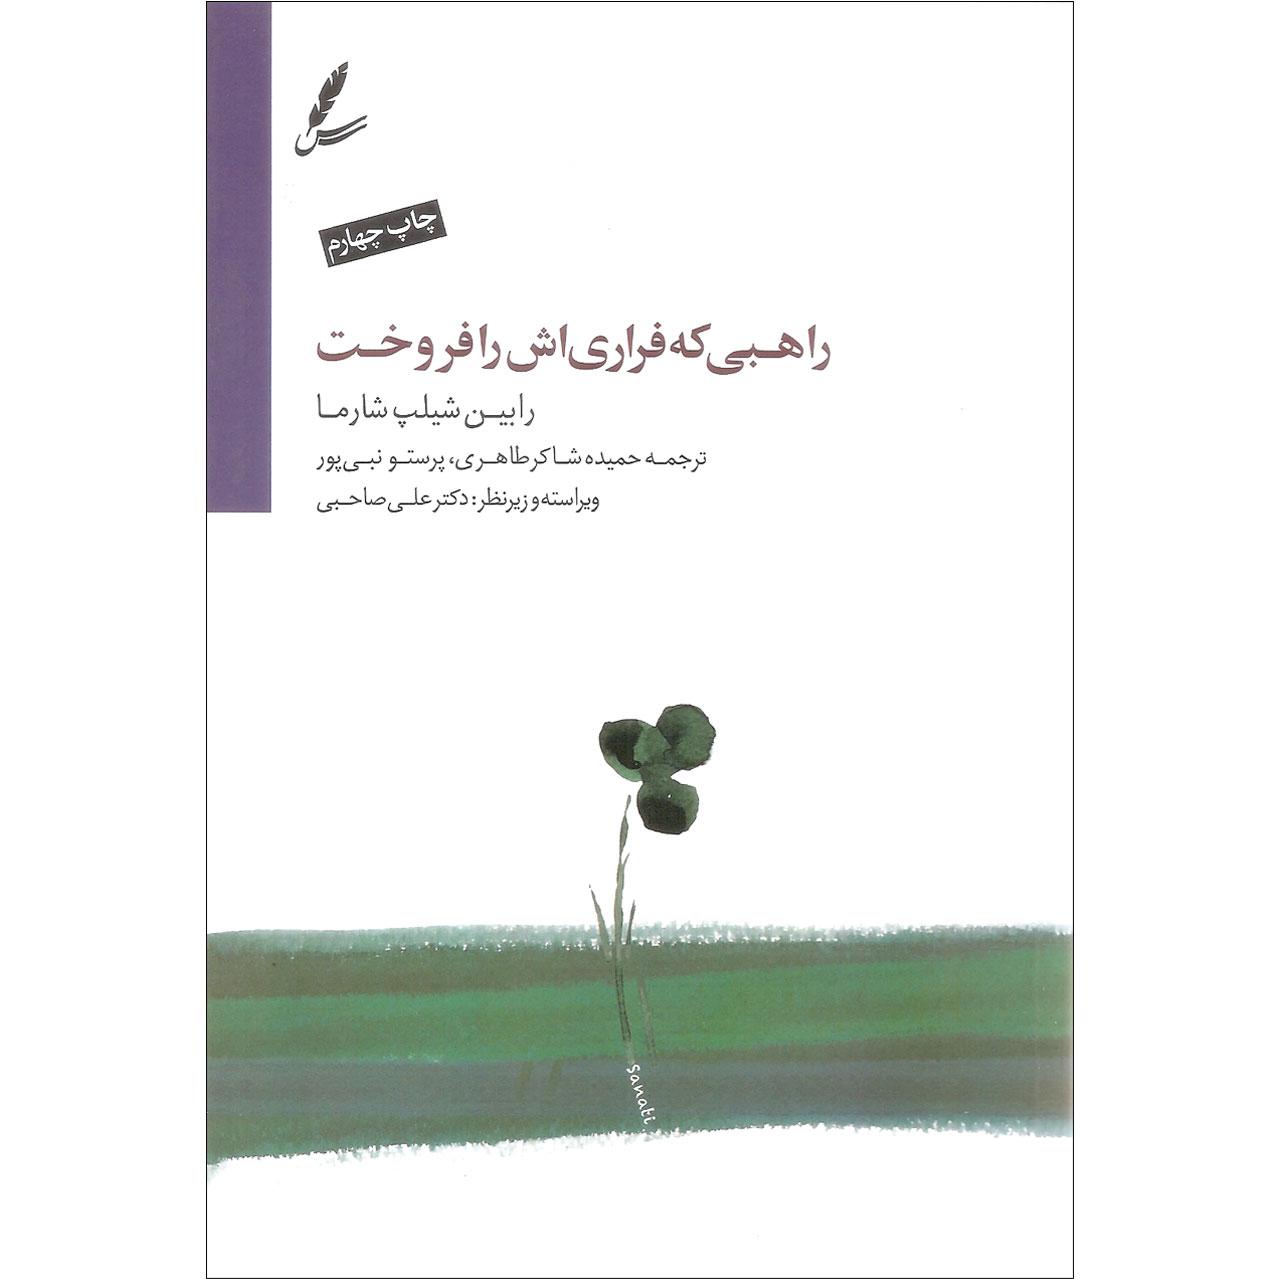 کتاب راهبی که فراری اش را فروخت اثر رابین شیلپ شارما نشر سایه سخن همراه